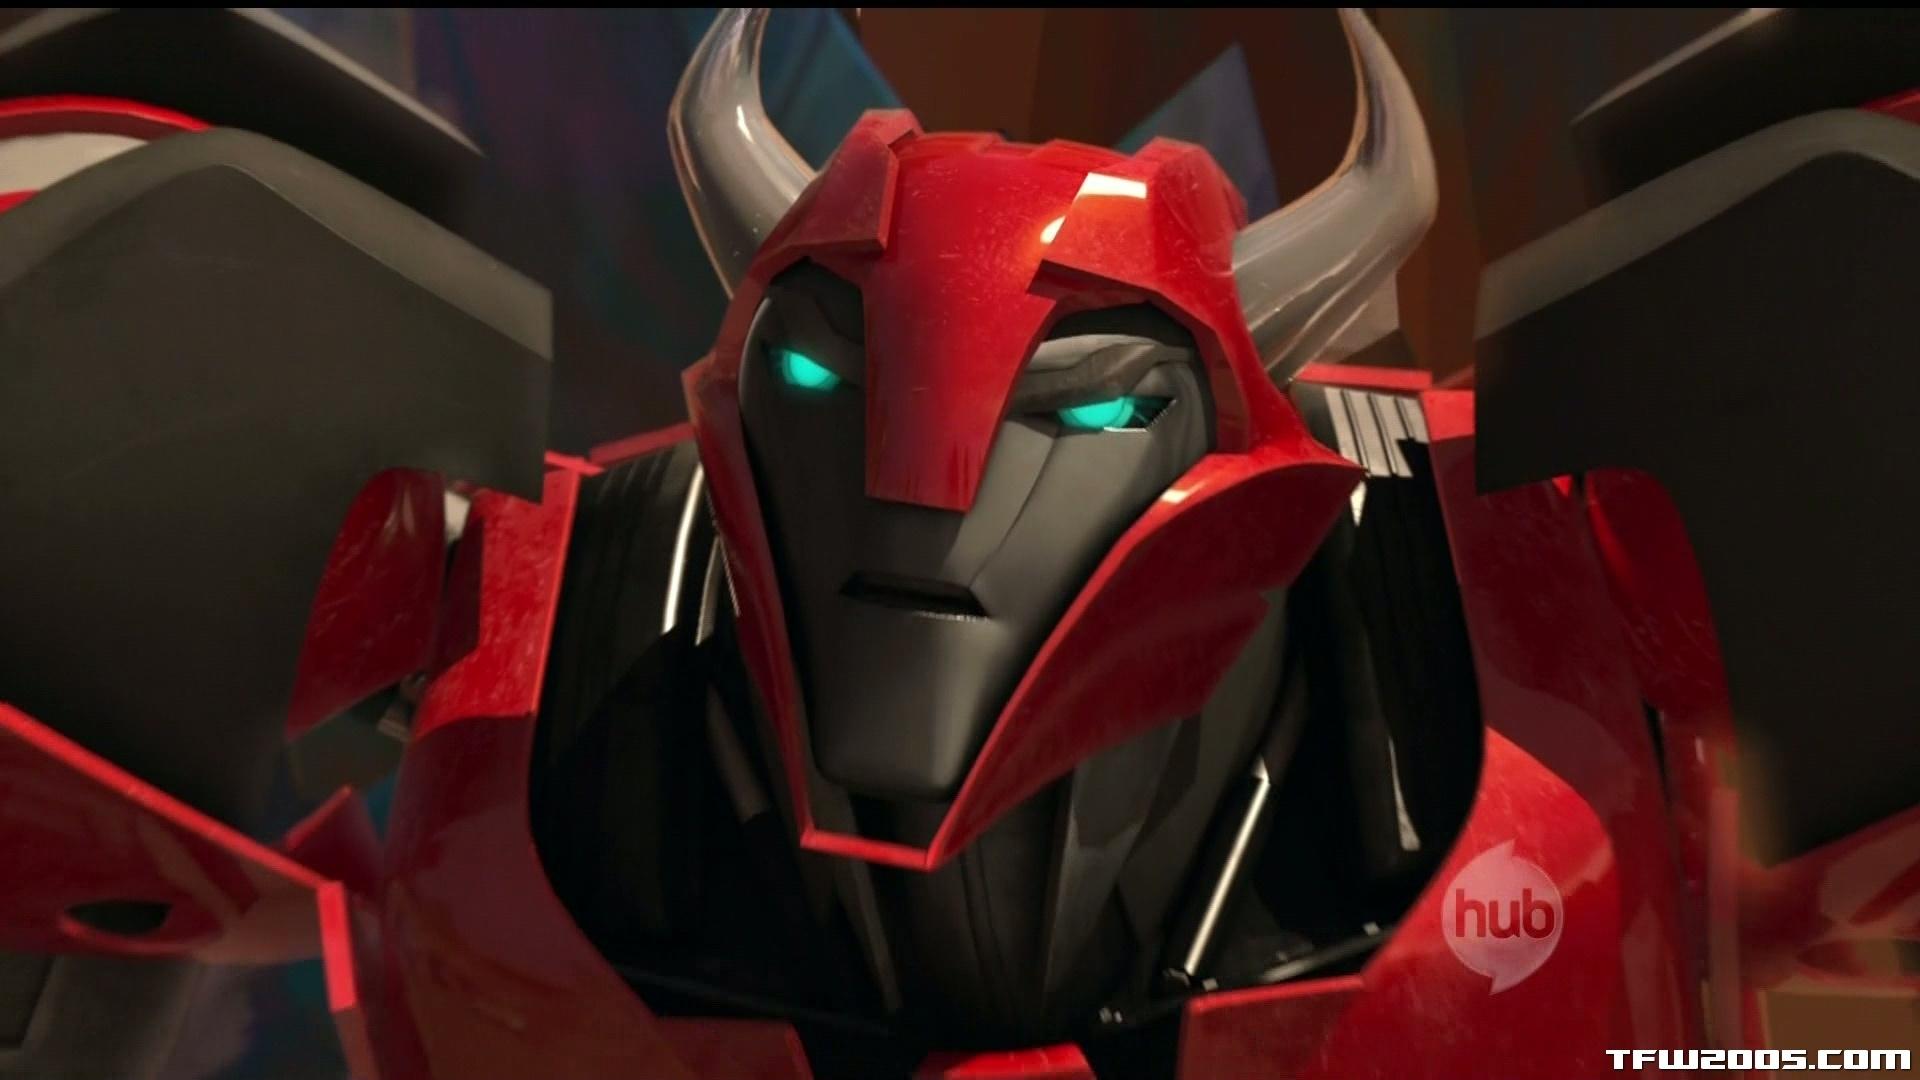 transformers cliffjumper free hd